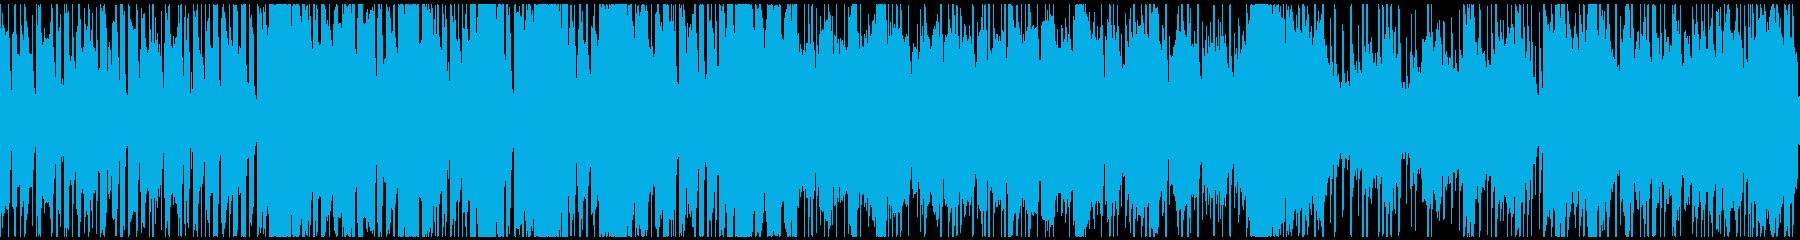 RPGゲーム通常バトル曲の再生済みの波形